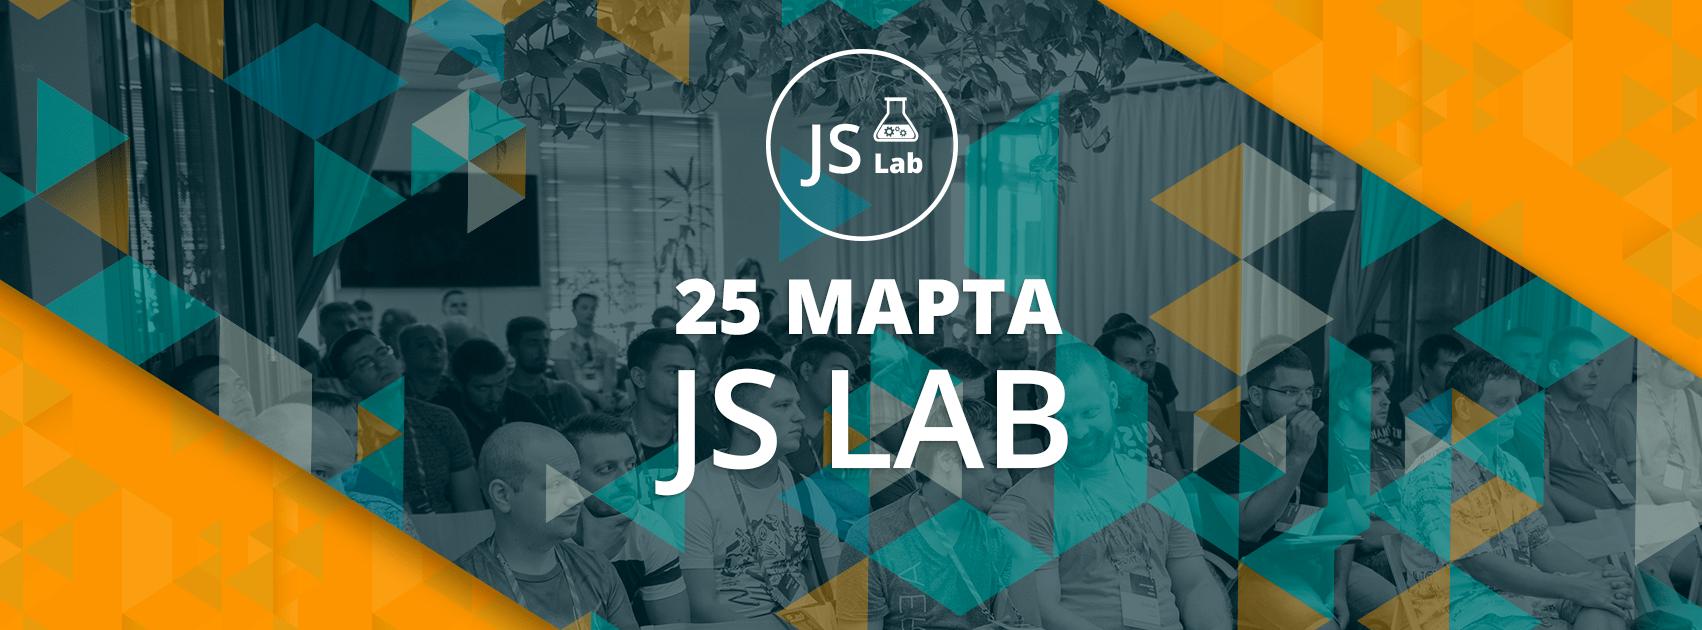 Третья ежегодная конференция JavaScript-разработчиков в Одессе — JS Lab - 1